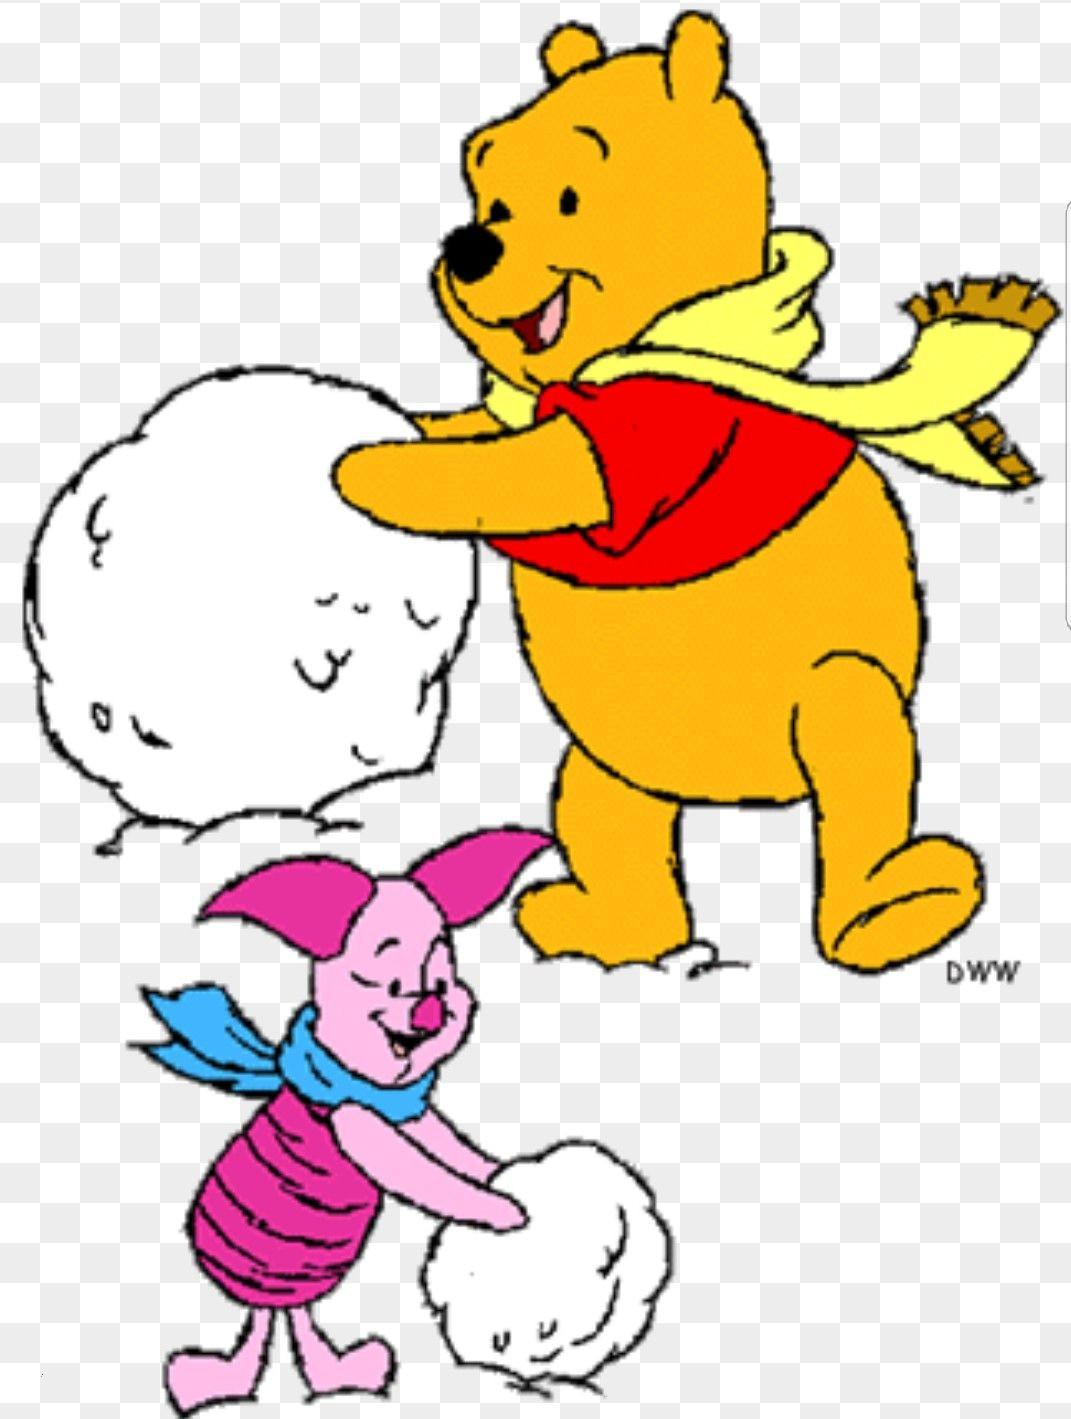 Malvorlagen Winnie Pooh Frisch 45 Frisch Ausmalbilder Winnie Puuh Mickeycarrollmunchkin Bilder